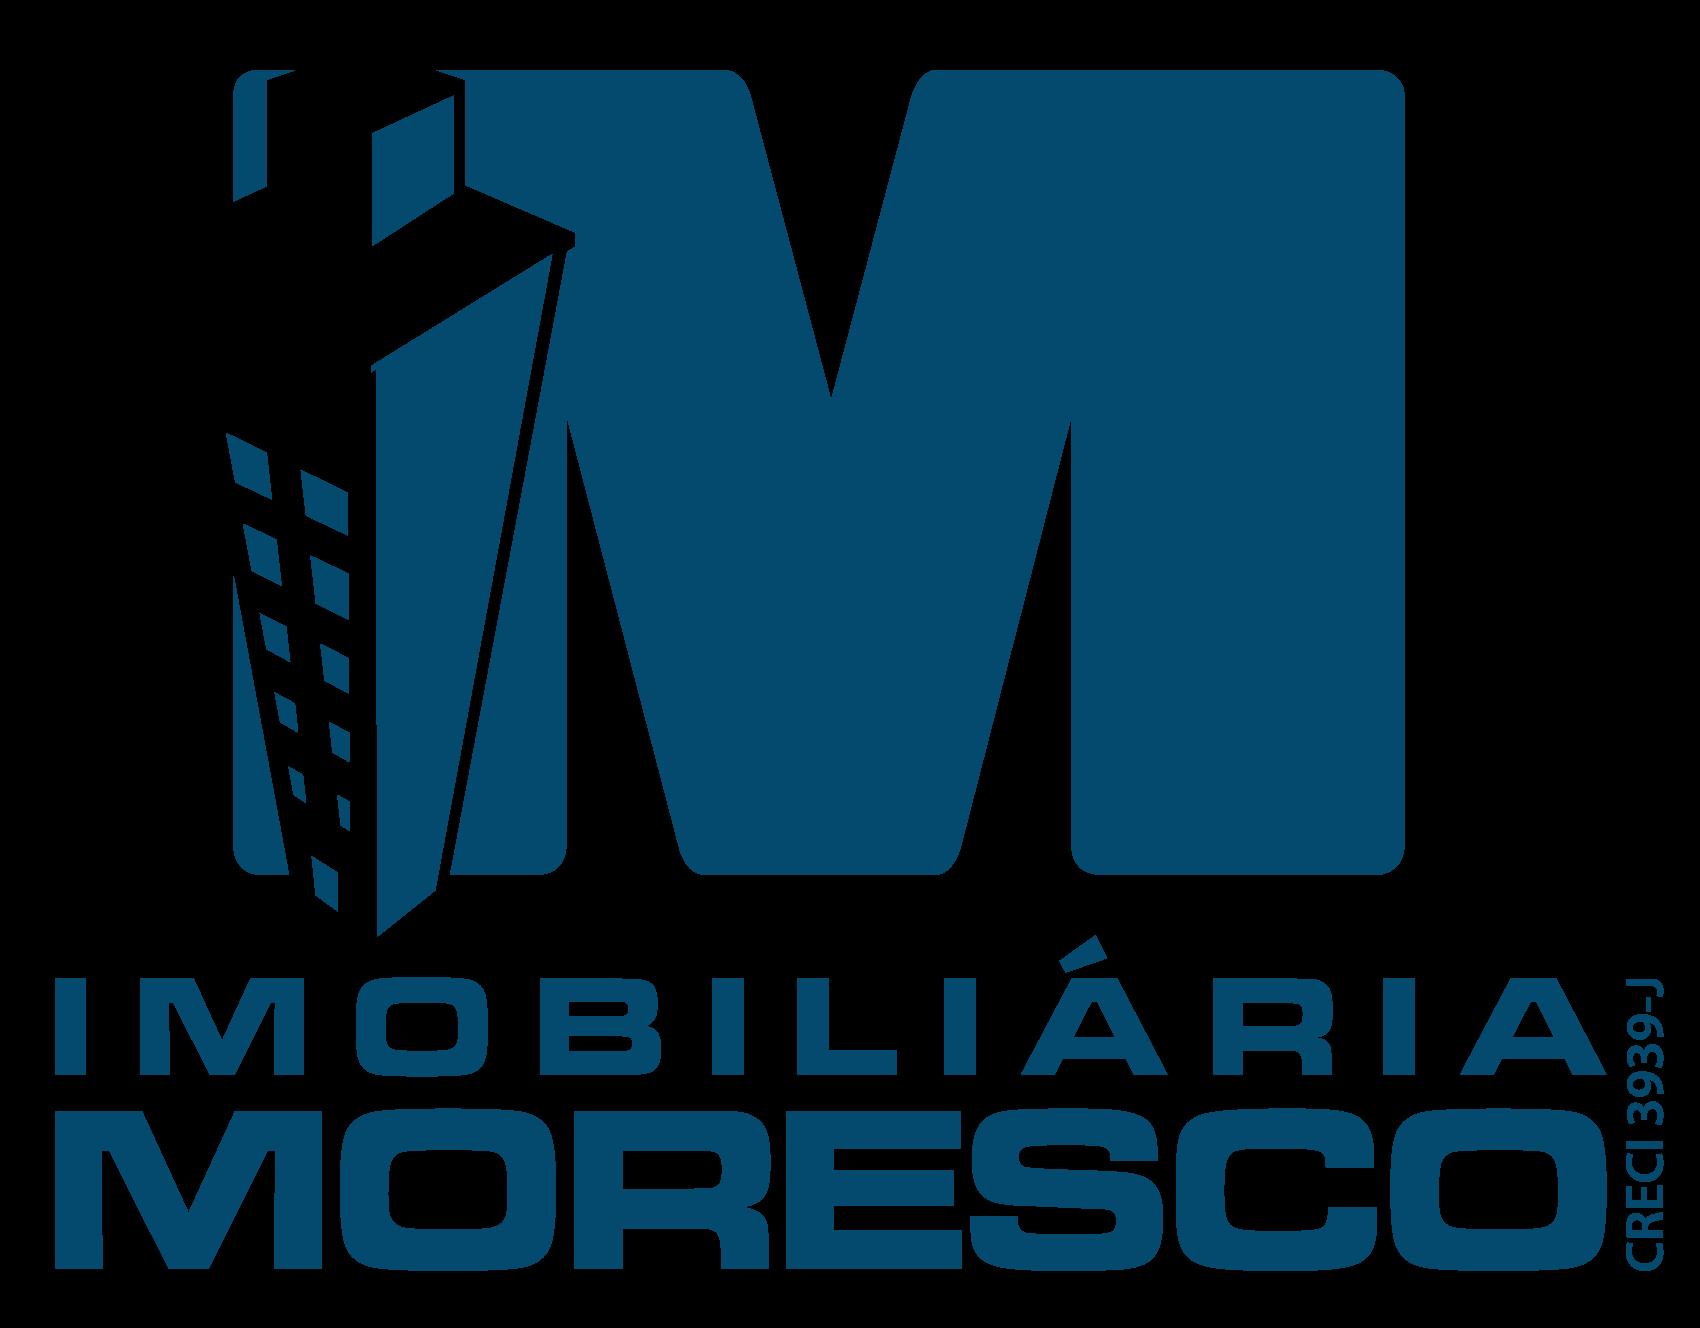 moresco-logo-vertical-azul